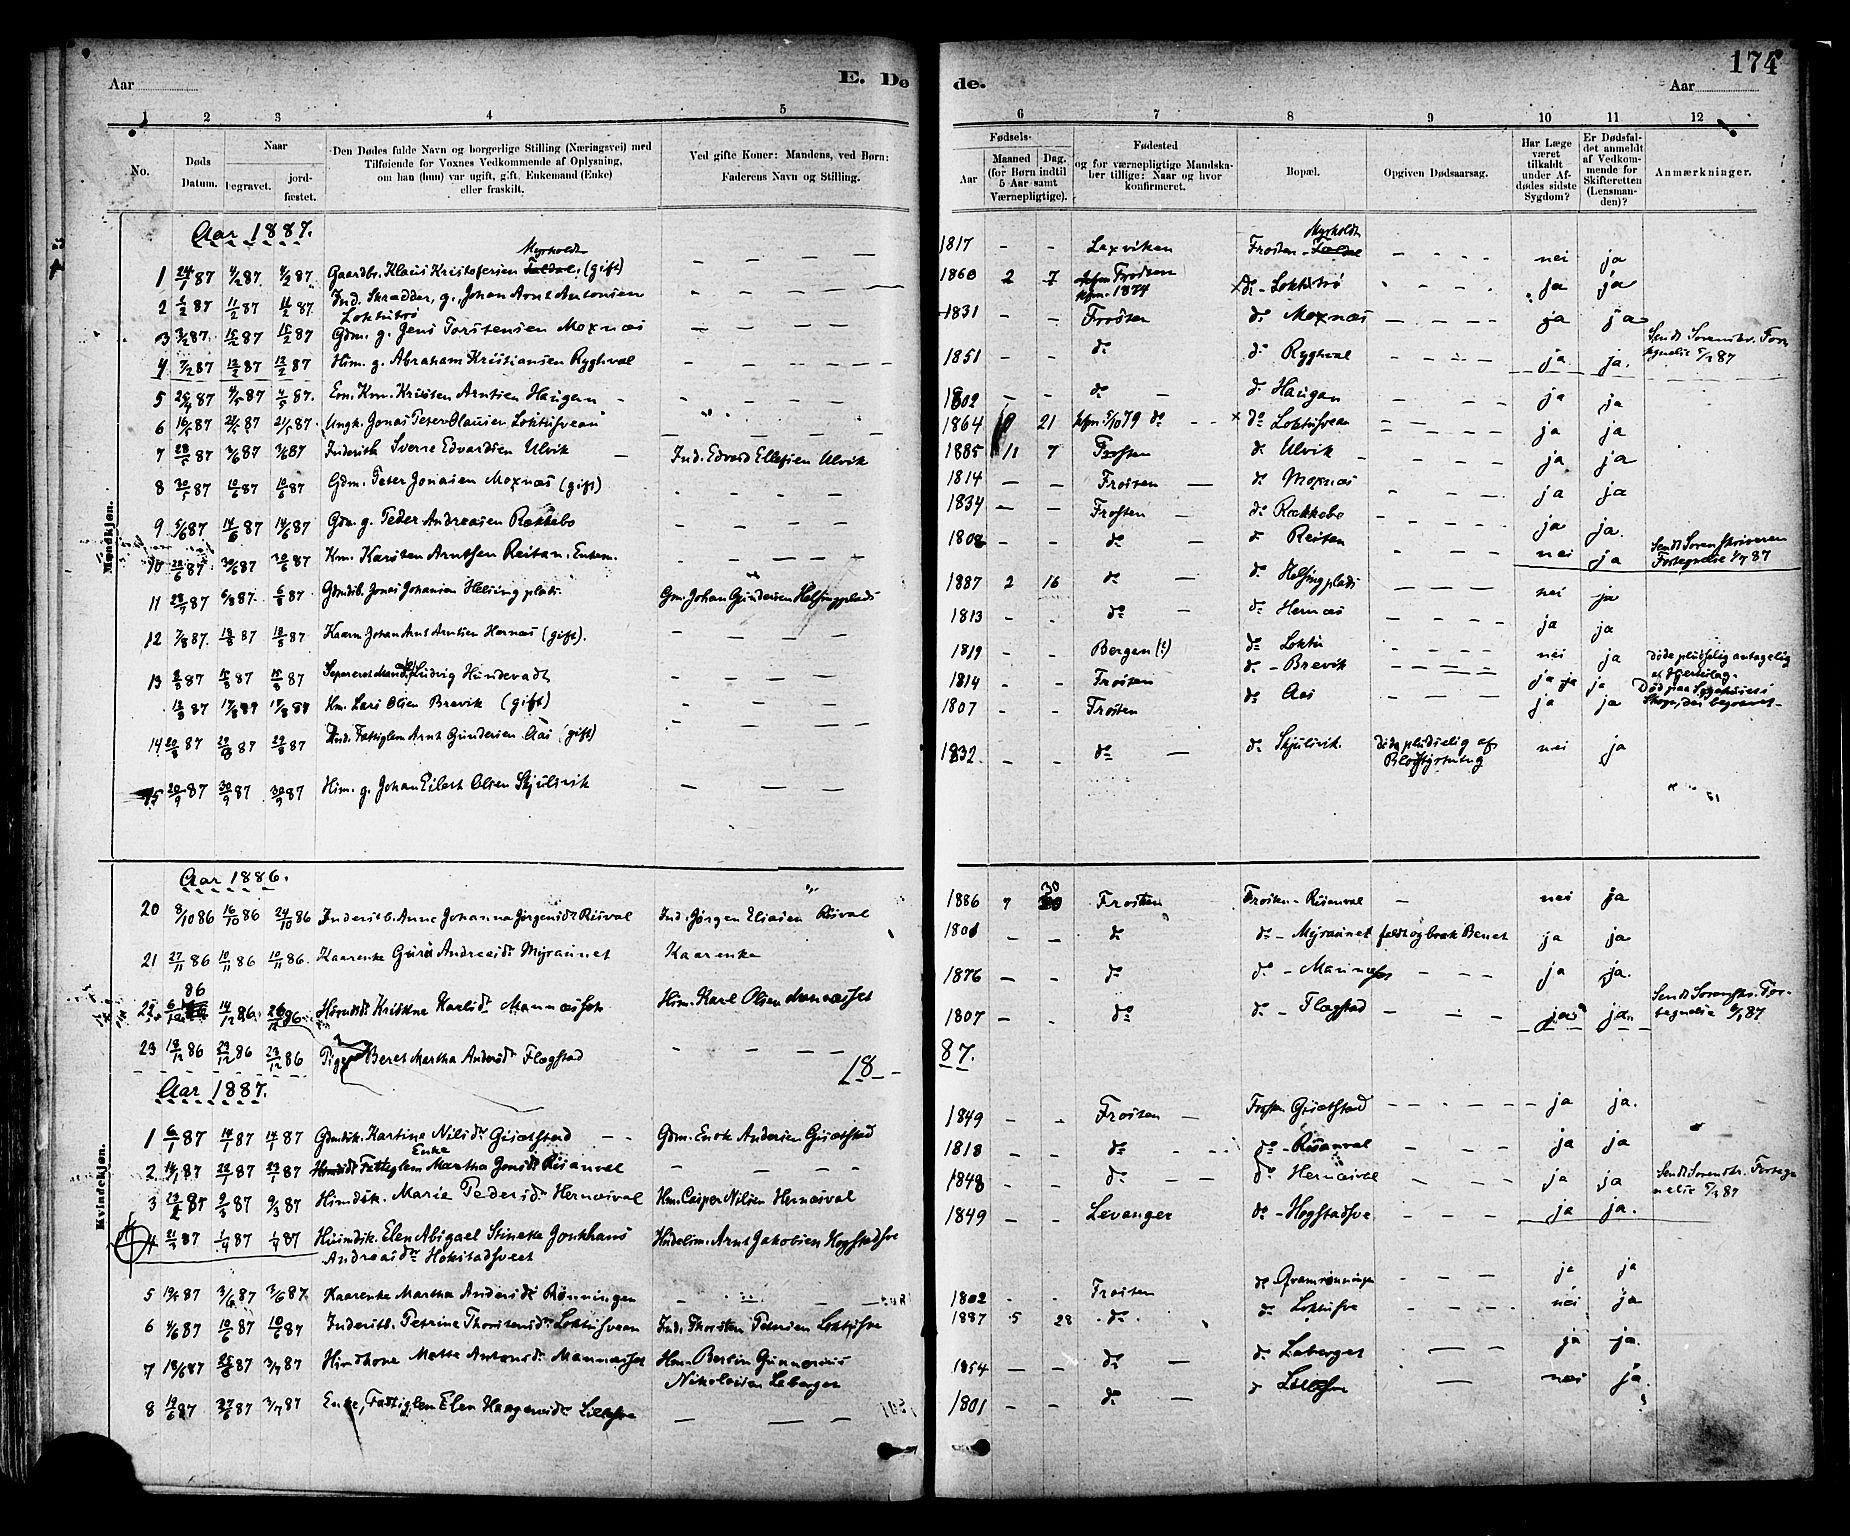 SAT, Ministerialprotokoller, klokkerbøker og fødselsregistre - Nord-Trøndelag, 713/L0120: Ministerialbok nr. 713A09, 1878-1887, s. 174